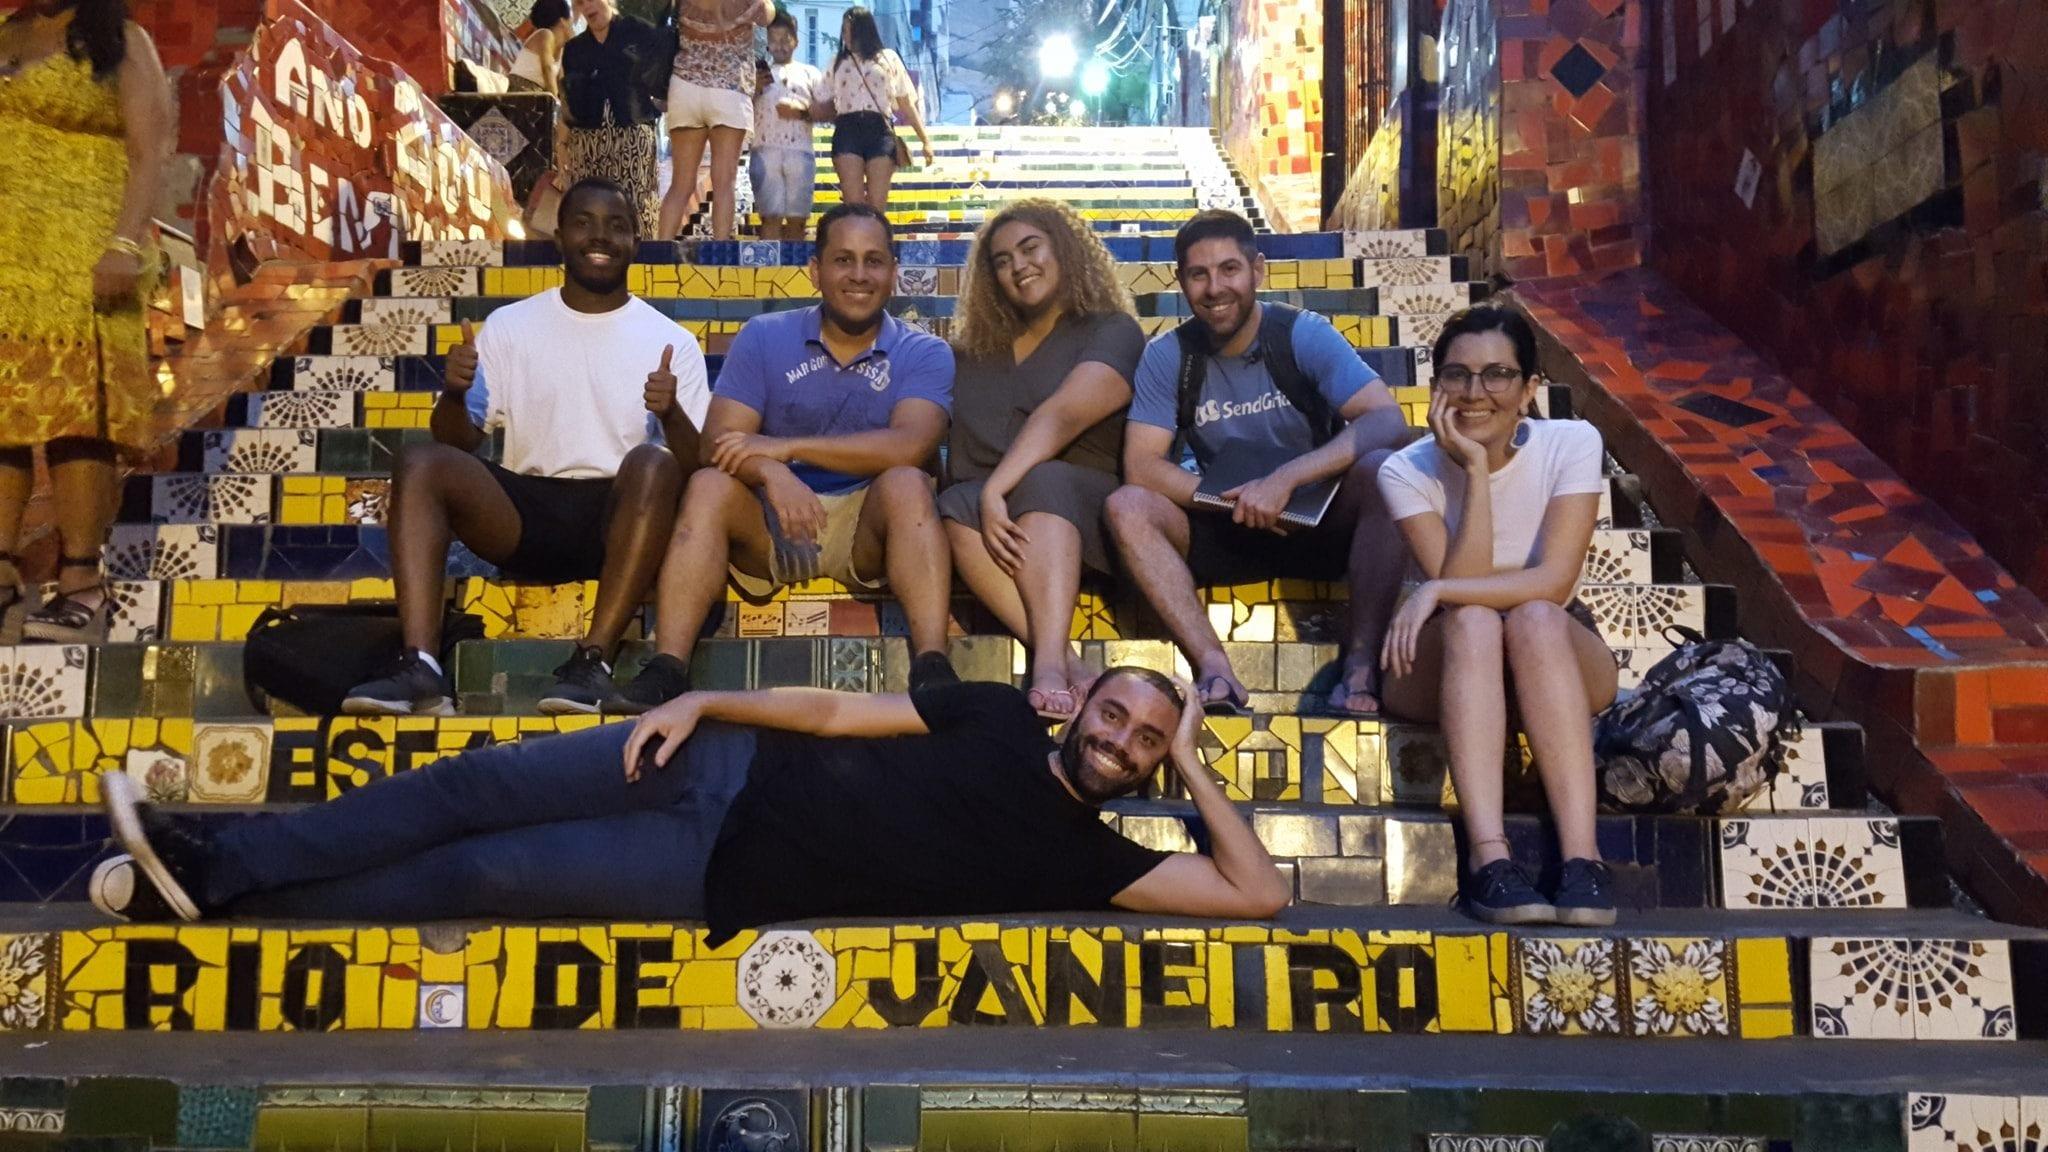 Estudiantes de portugués en la Escalera Selarón de Lapa en Río de Janeiro.